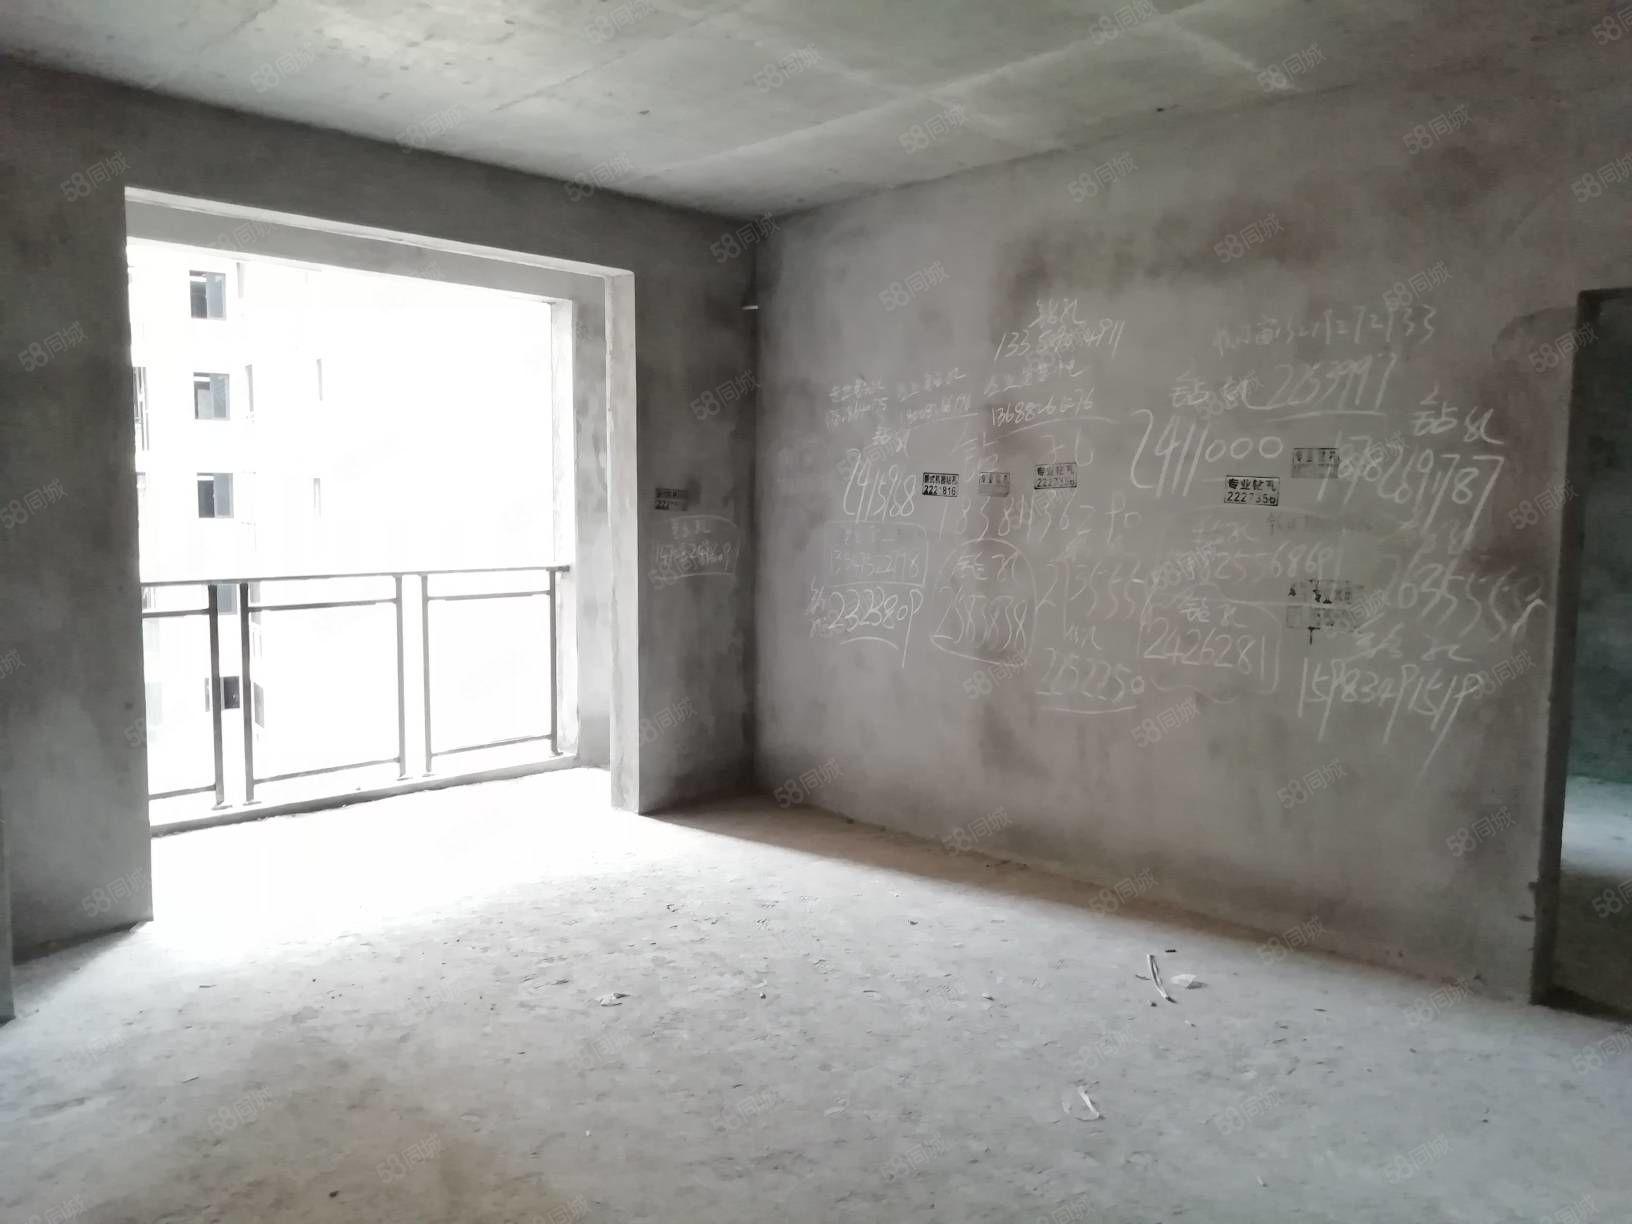 金安御景可按揭34萬讀實驗學校的z后一個商品房小區